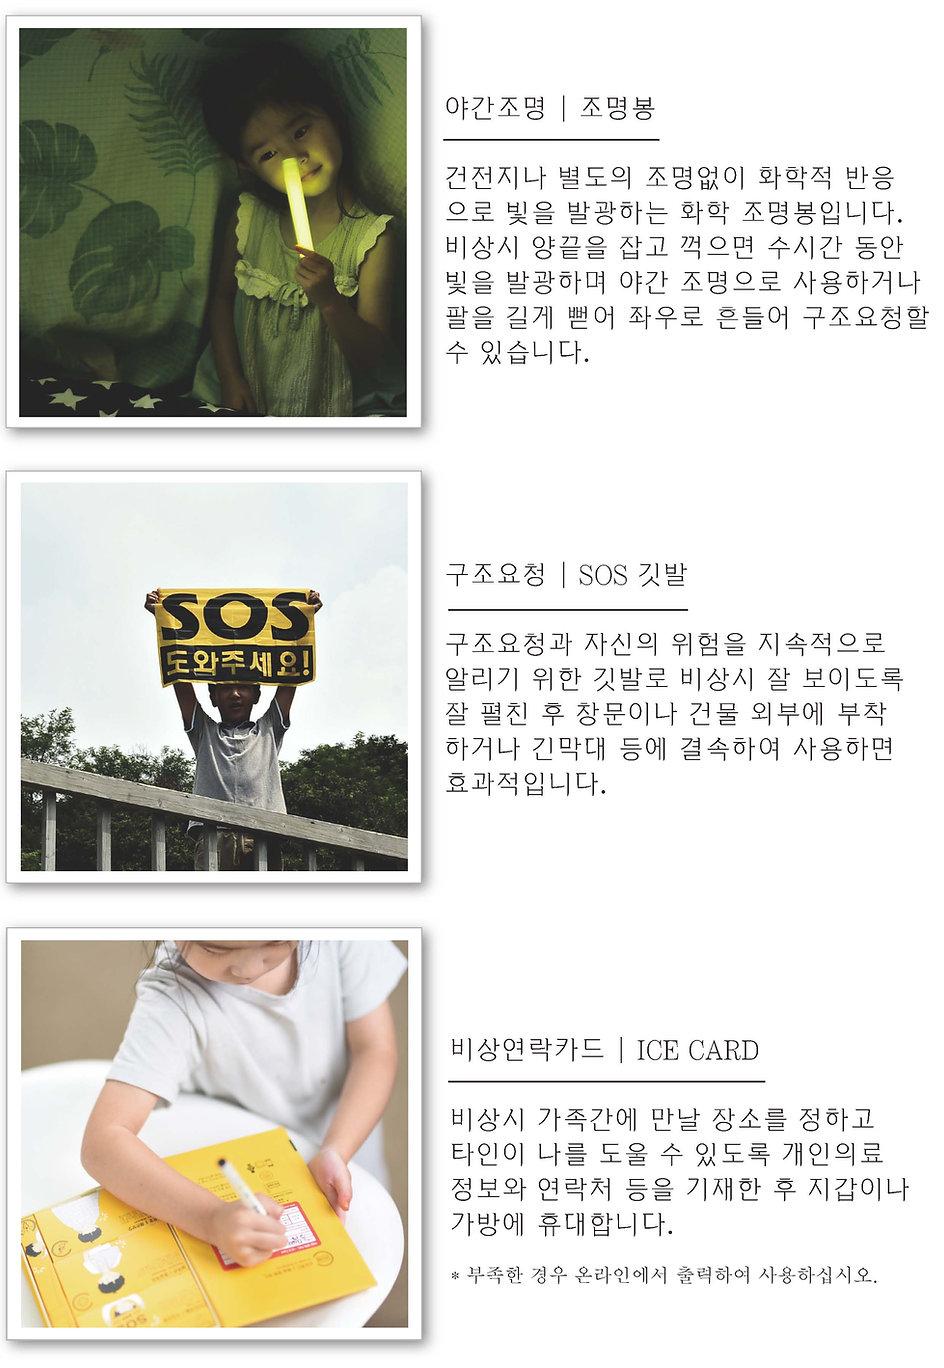 6 온라인 정보-라이프북 생존키트-18-v1e_페이지_05.jpg